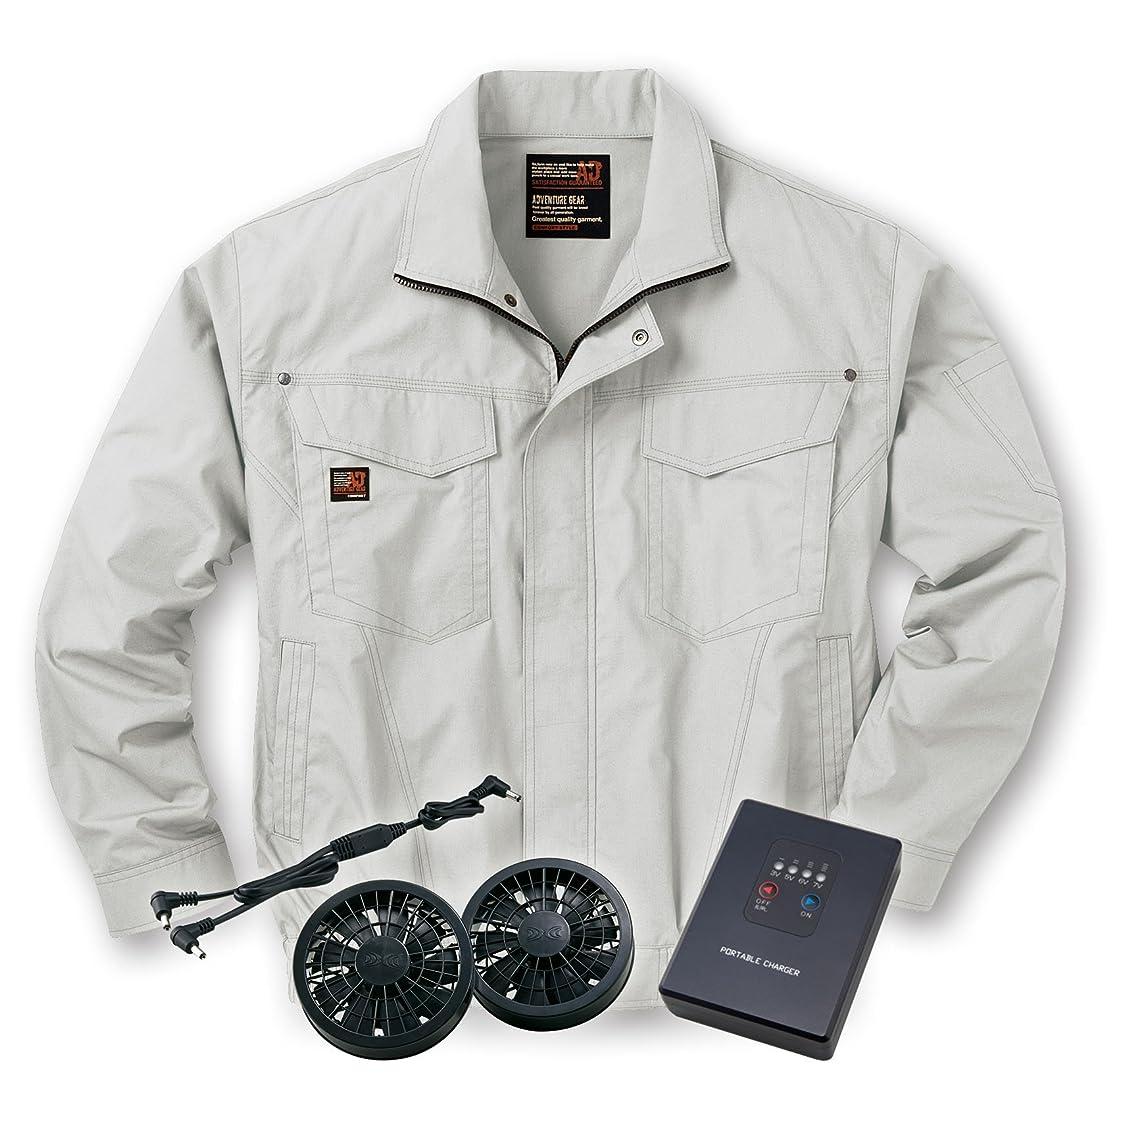 麻痺させる仕方反映する空調服ブルゾンセット (空調服+ファン+リチウムバッテリー) ss-ku91400-l XL シルバー